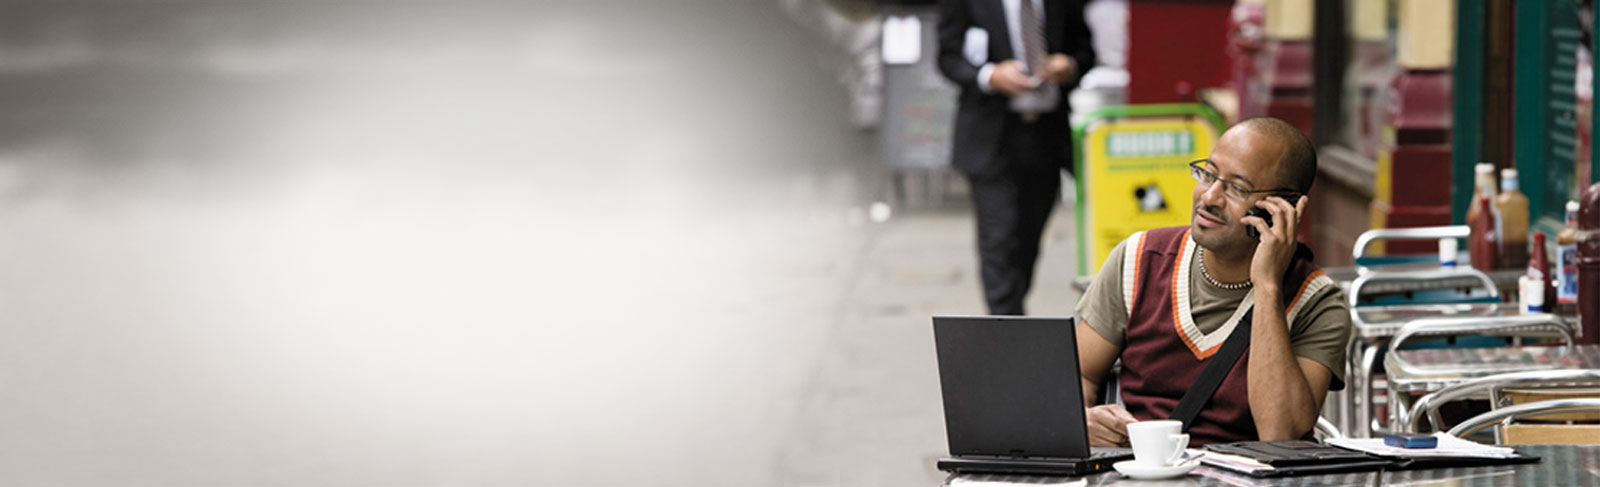 ผู้ชายที่มีโทรศัพท์และแล็ปท็อปอยู่ในคาเฟ่ กำลังใช้งานอีเมลธุรกิจผ่านทาง Exchange Server 2013